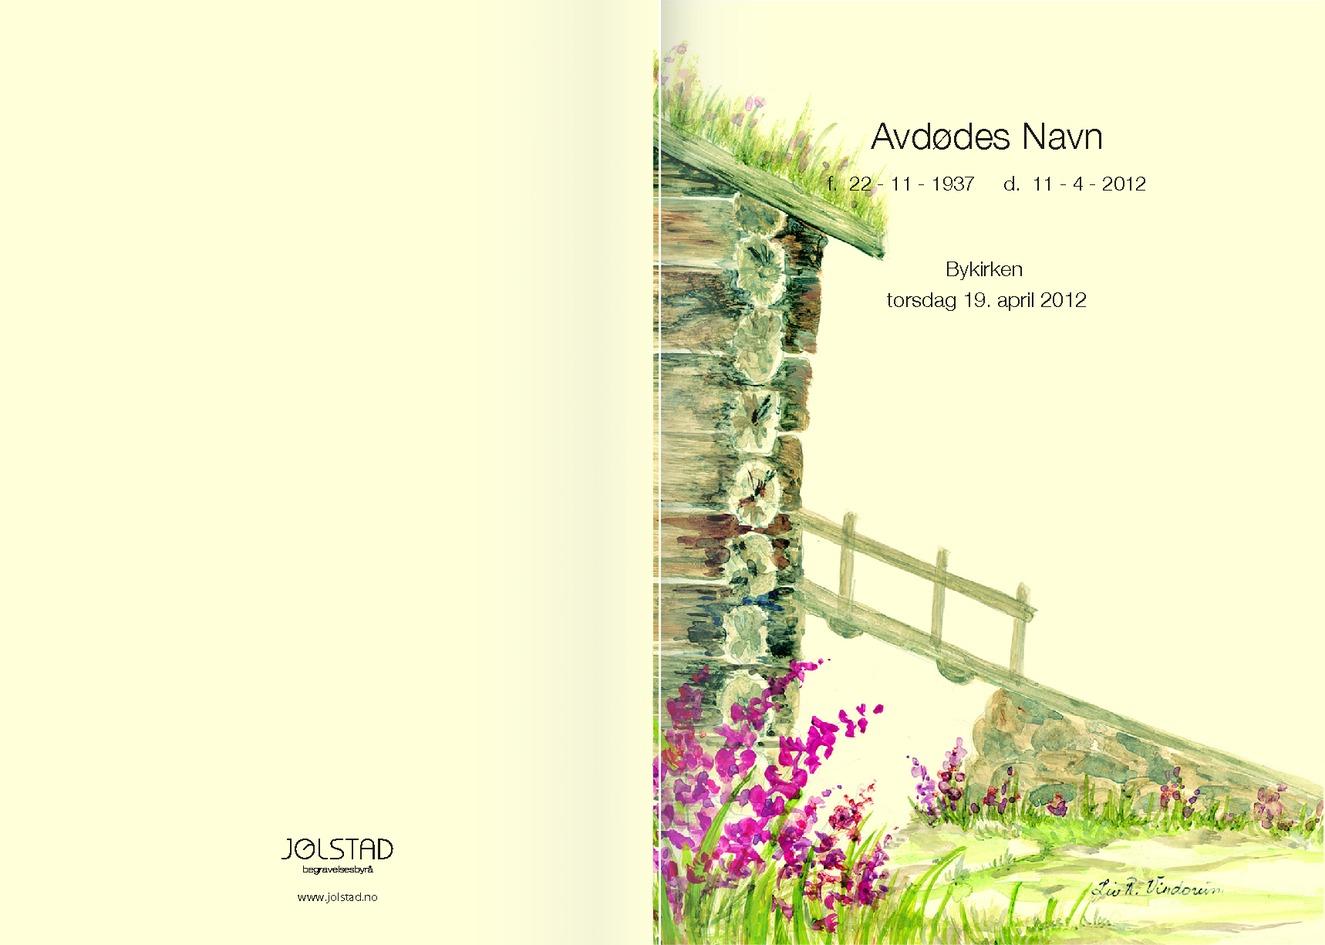 Bilde på forsiden av låvebru, kan fås på programheftet av Jølstad